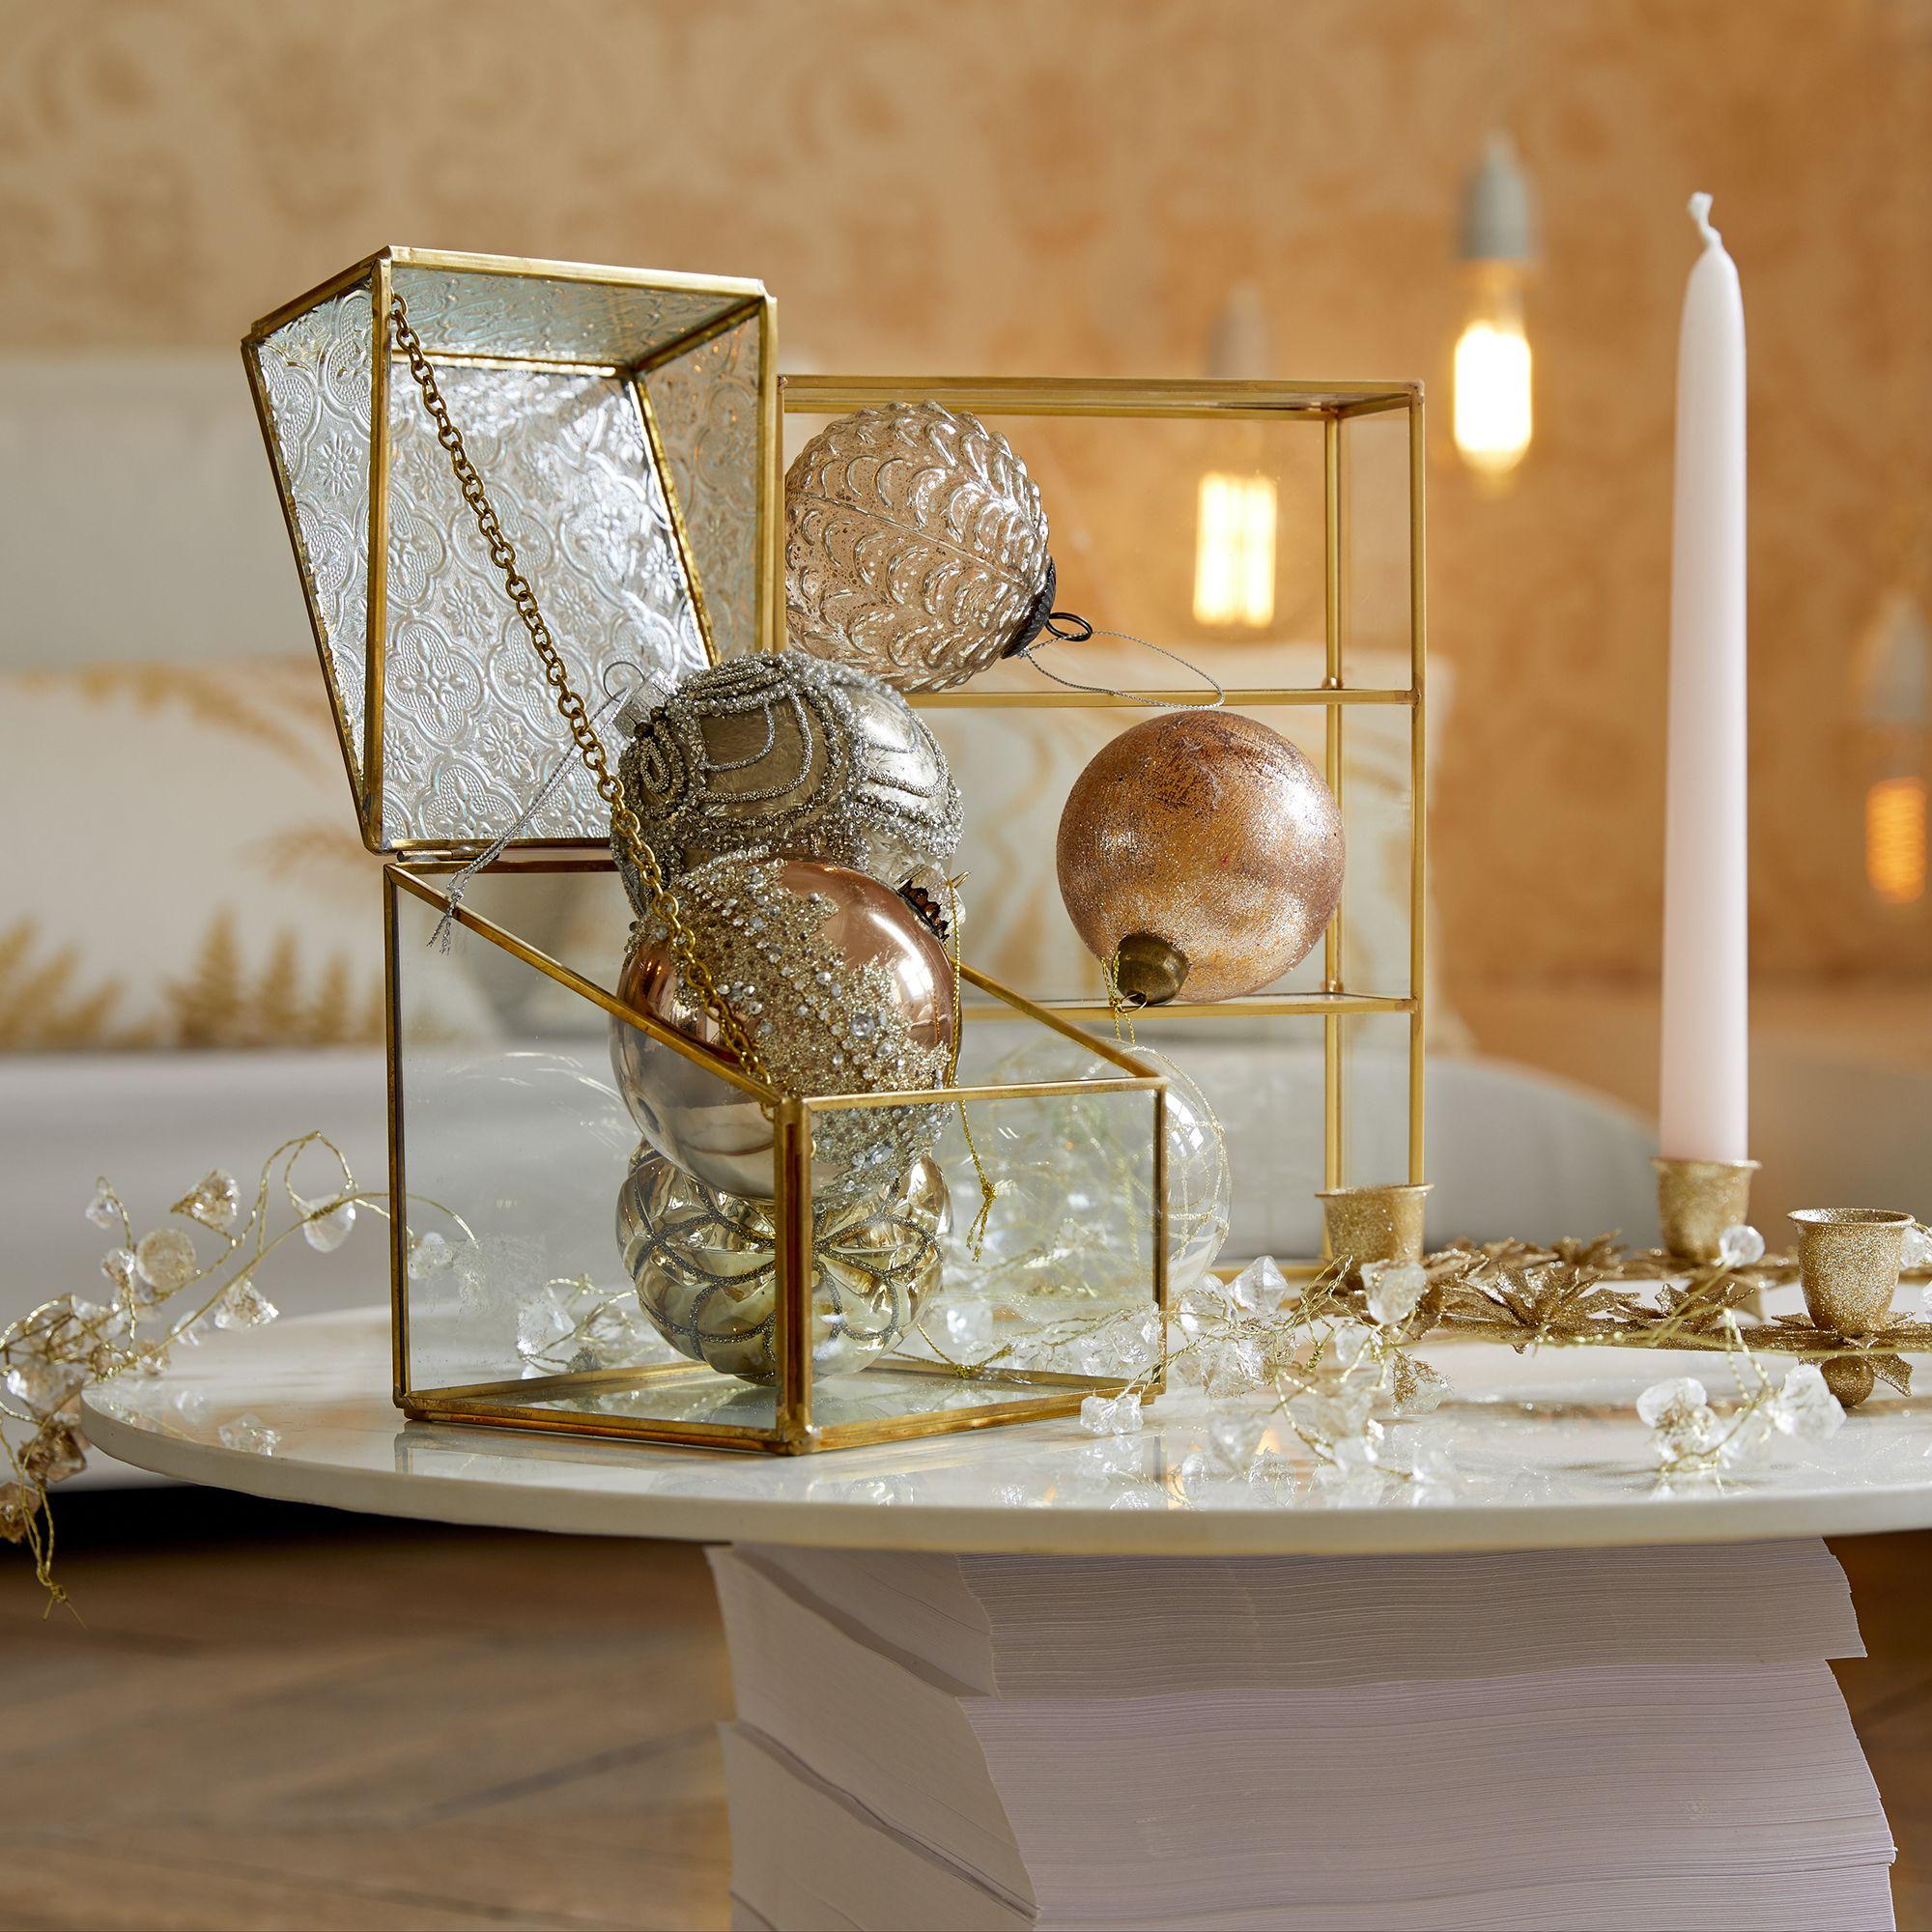 Une décoration chic pour votre sapin de Noël. | Vitrine murale, Parement mural, Decoration vitrine